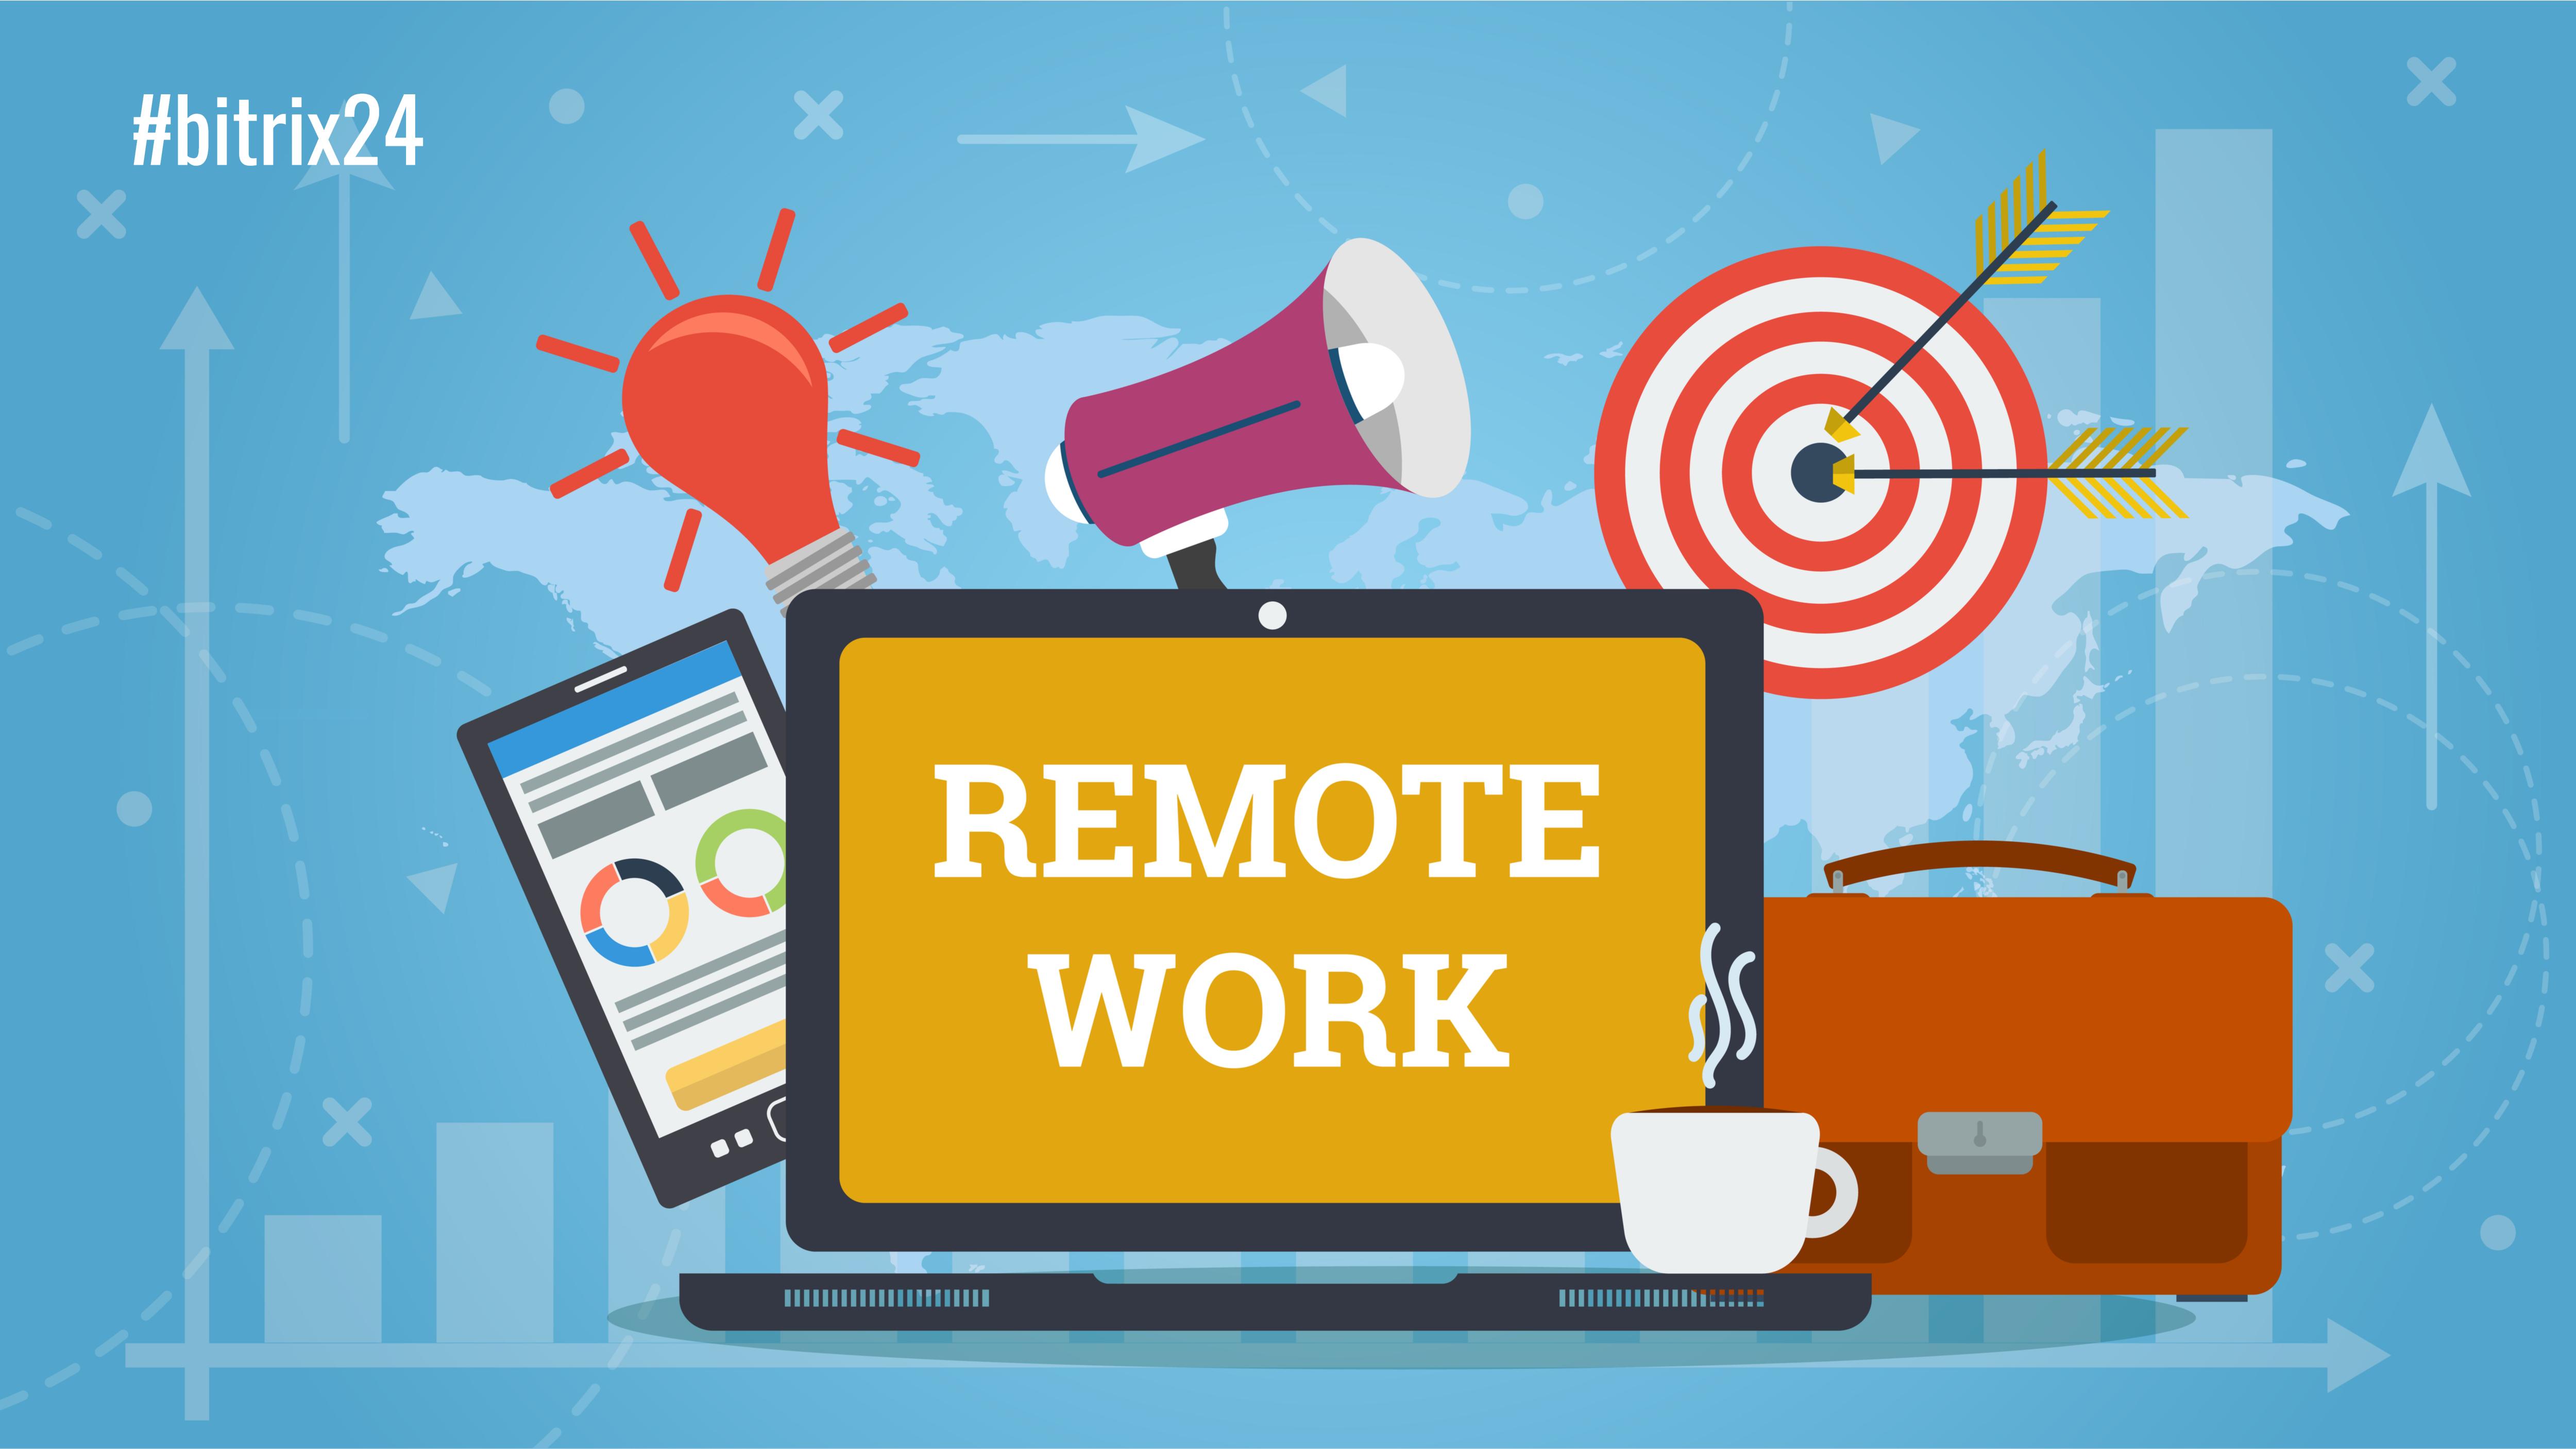 10 passos para organizar trabalho remoto no Bitrix24